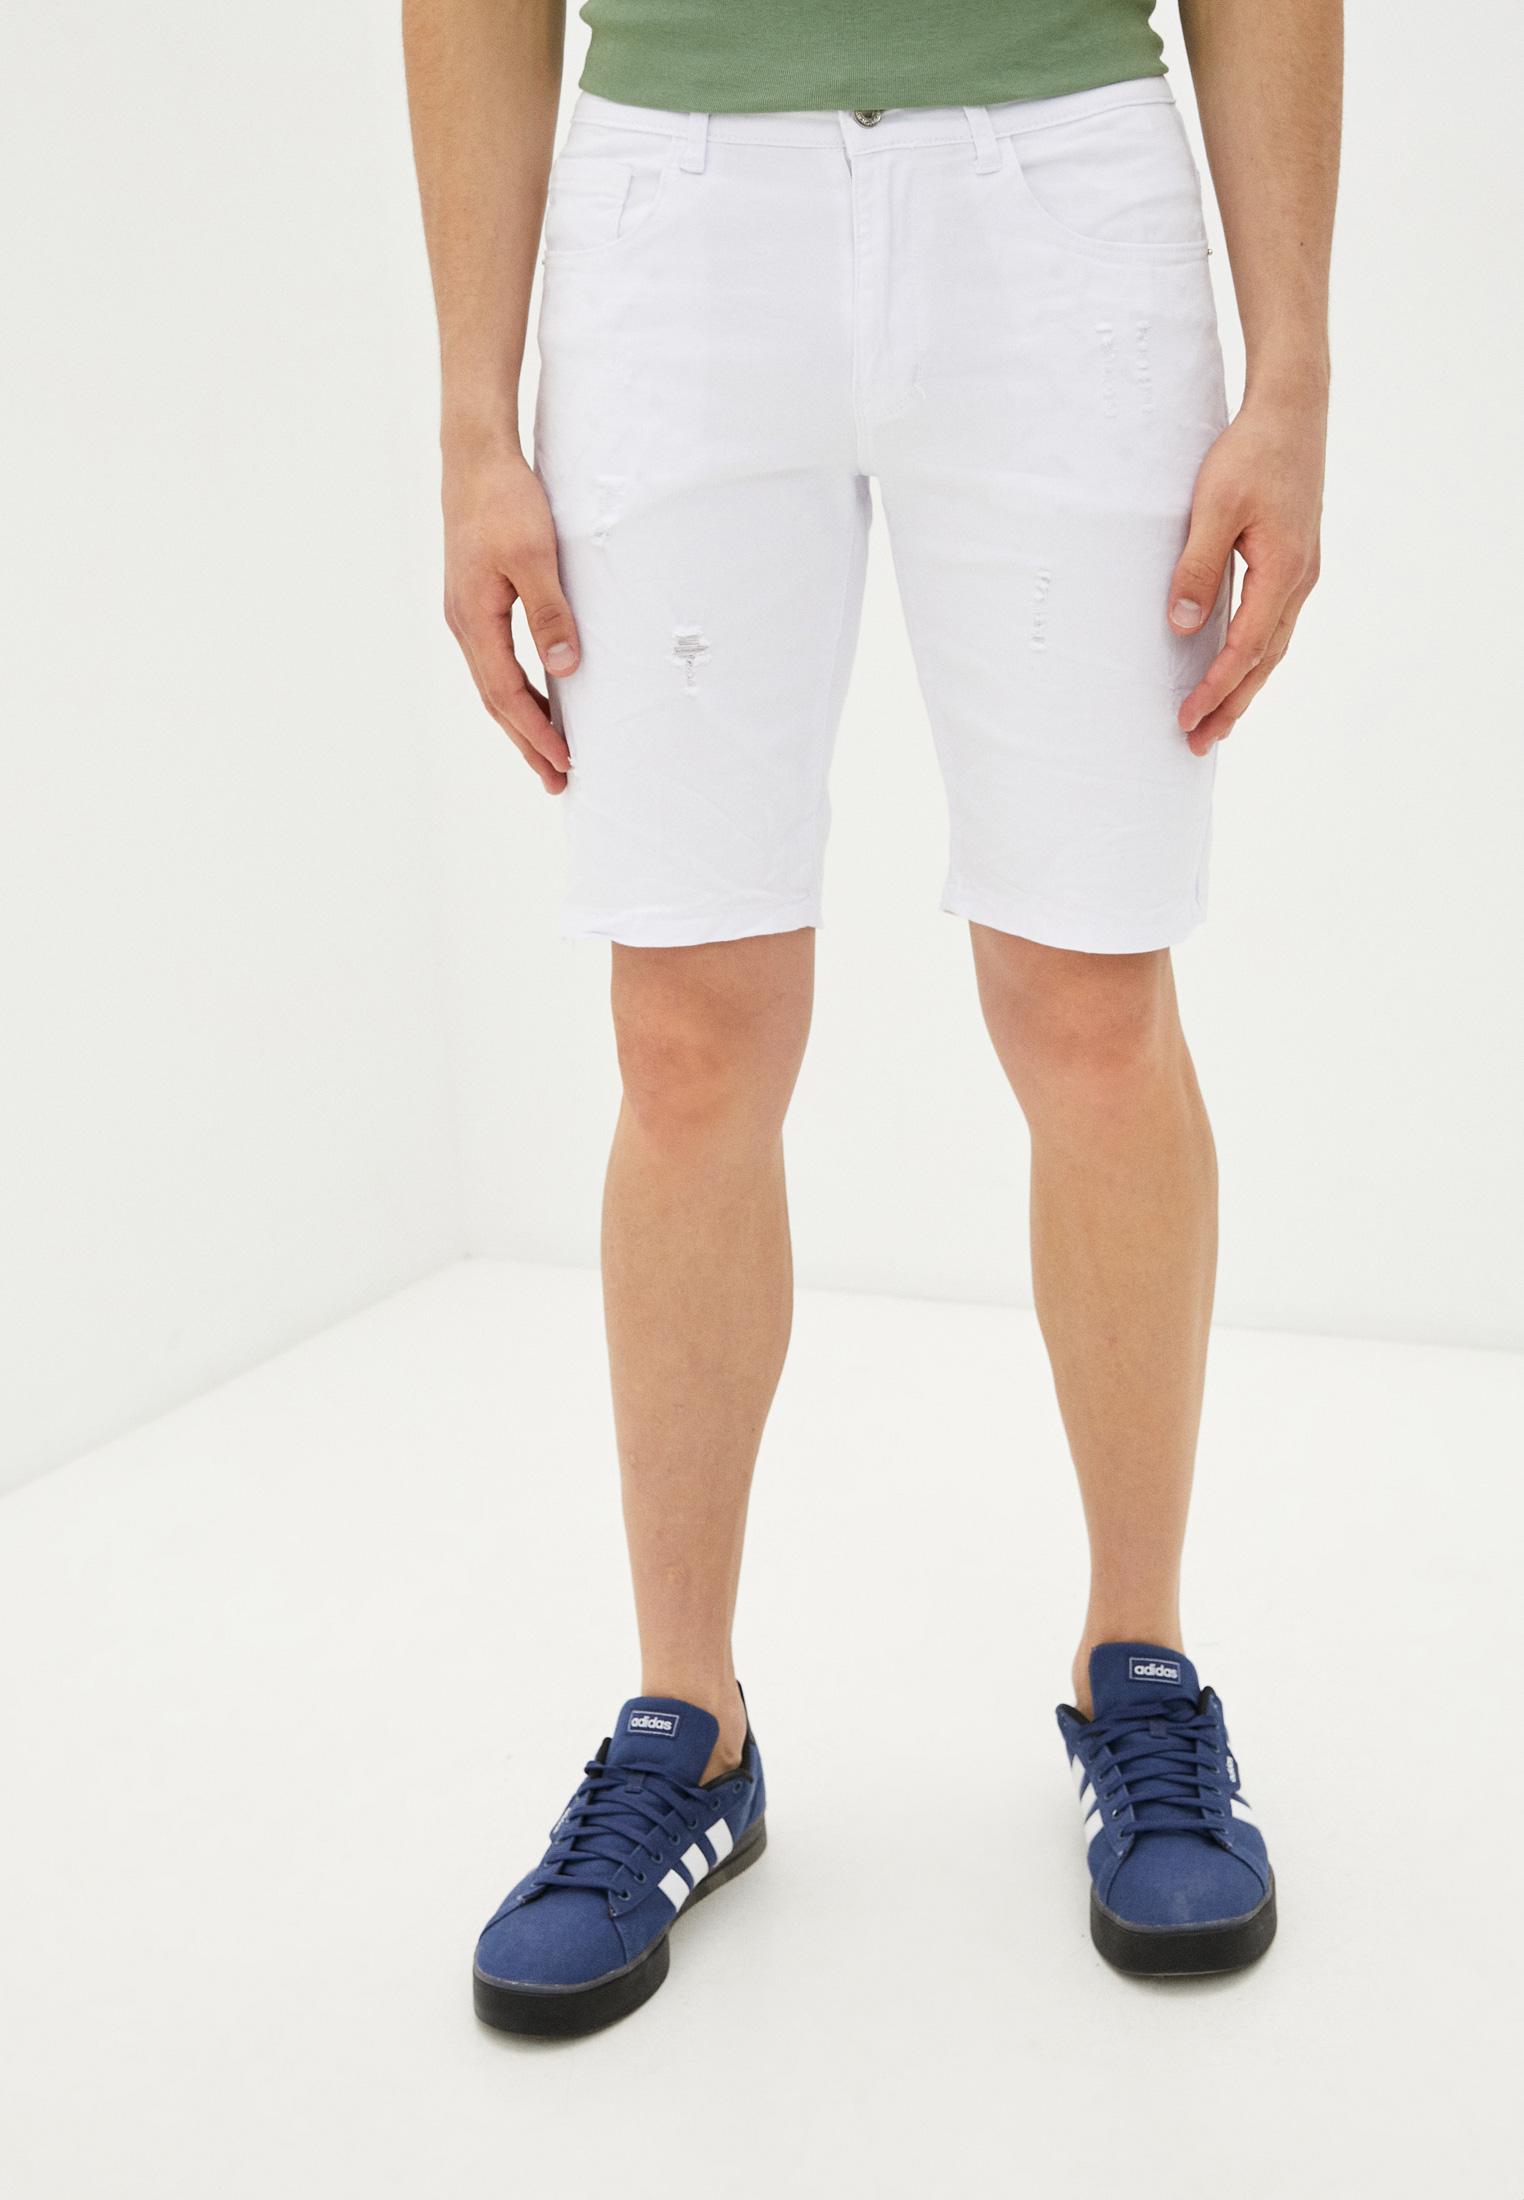 Мужские джинсовые шорты Bruebeck Шорты джинсовые Bruebeck